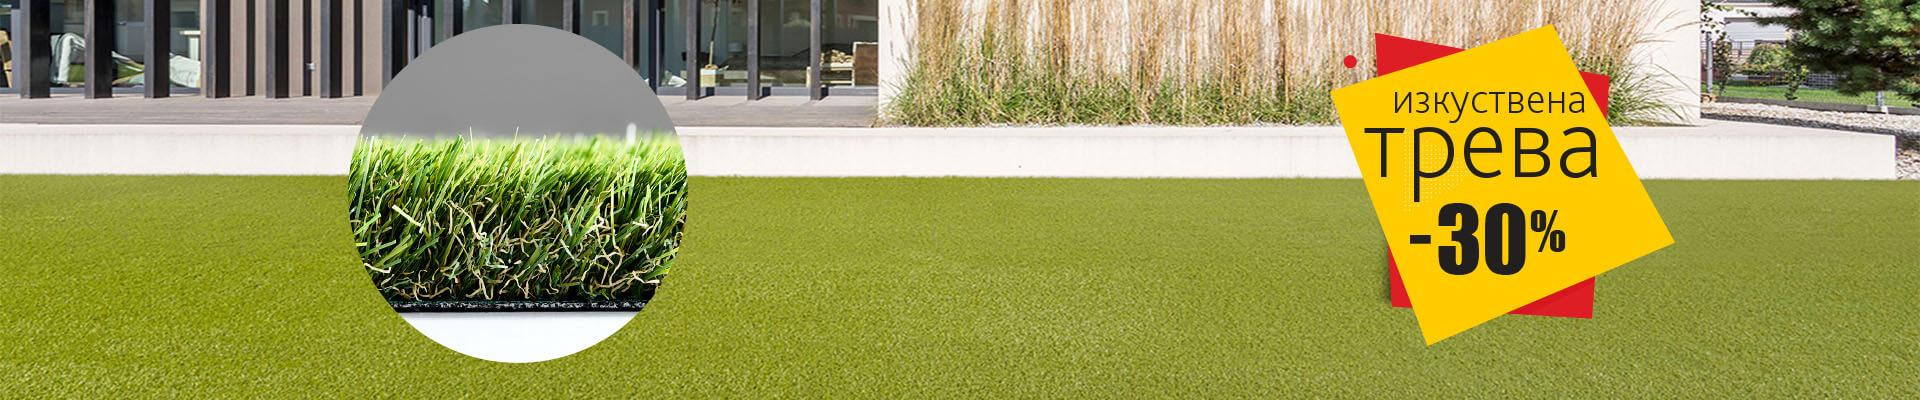 Изкуствена трева - 30%